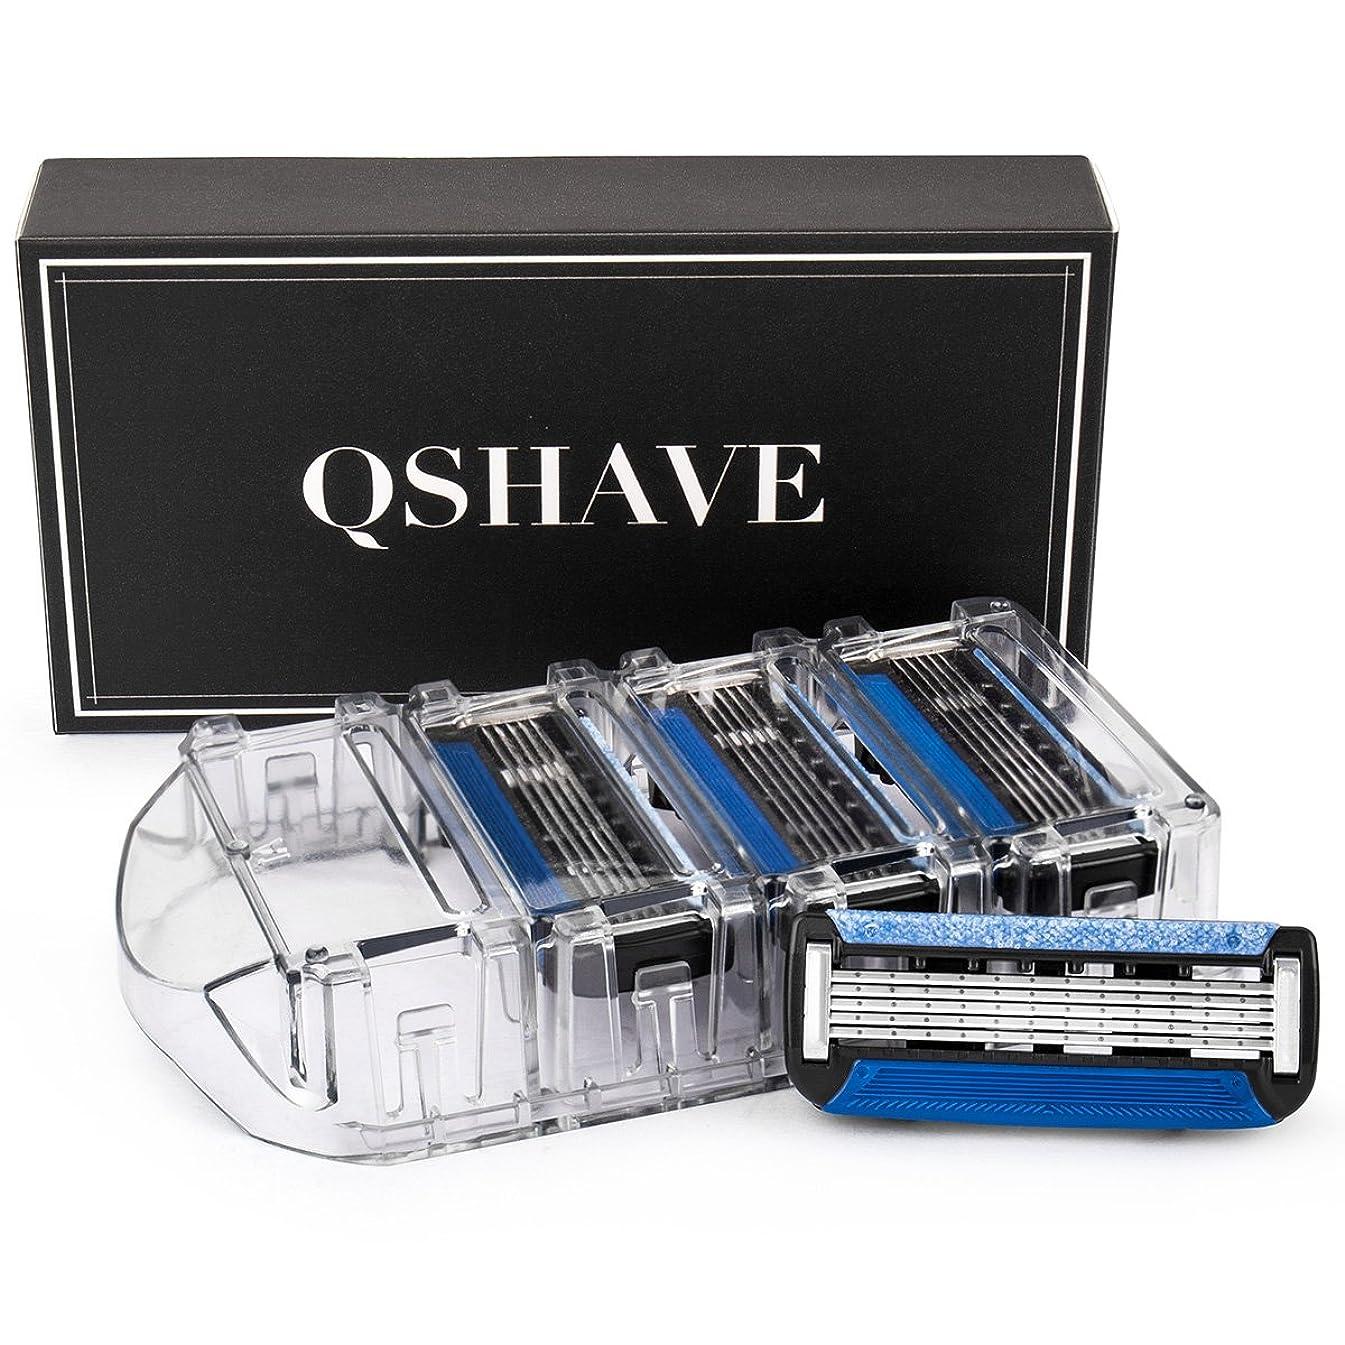 暴力重荷配当QSHAVEのX5 (5枚刃) カミソリ替刃カートリッジは、トリマーがドイツ製でQSHAVEブラックシリーズのカミソリにお使いいただけます。 (8つ入り)